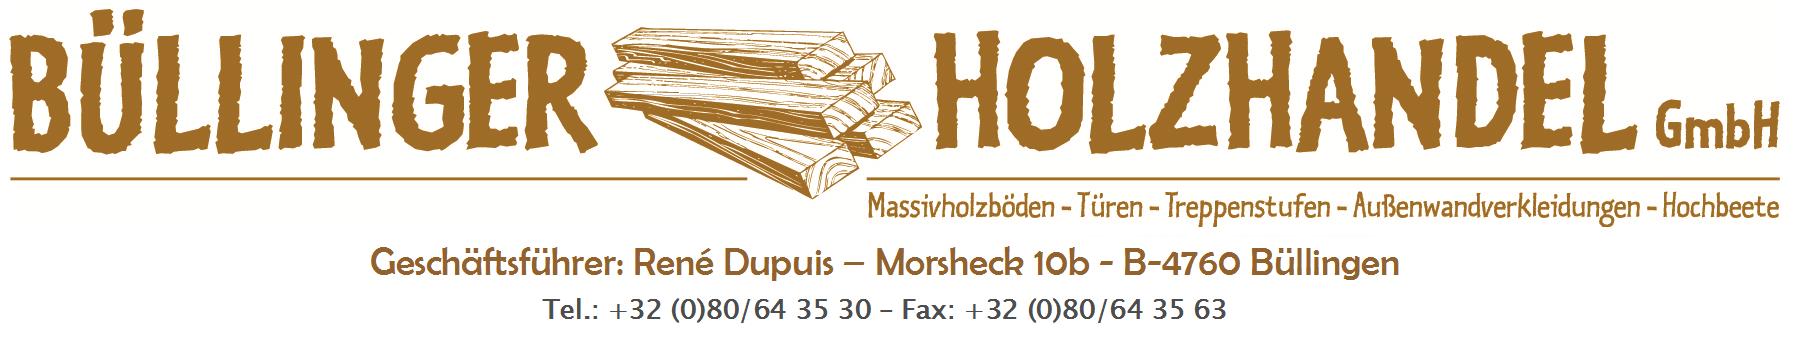 Logo Büllinger Holzhandel GmbH